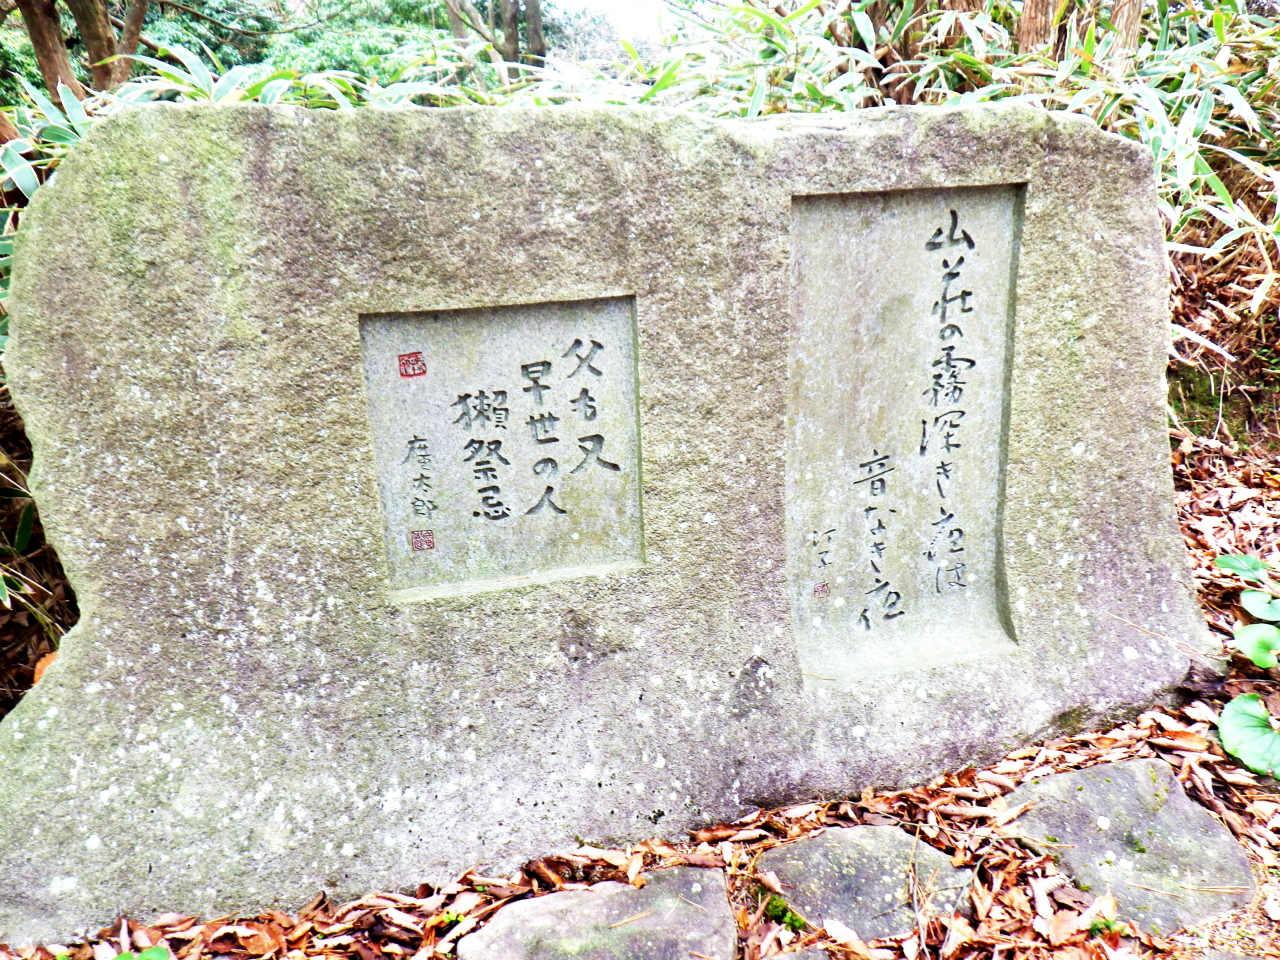 09b ホトトギス俳人の句碑